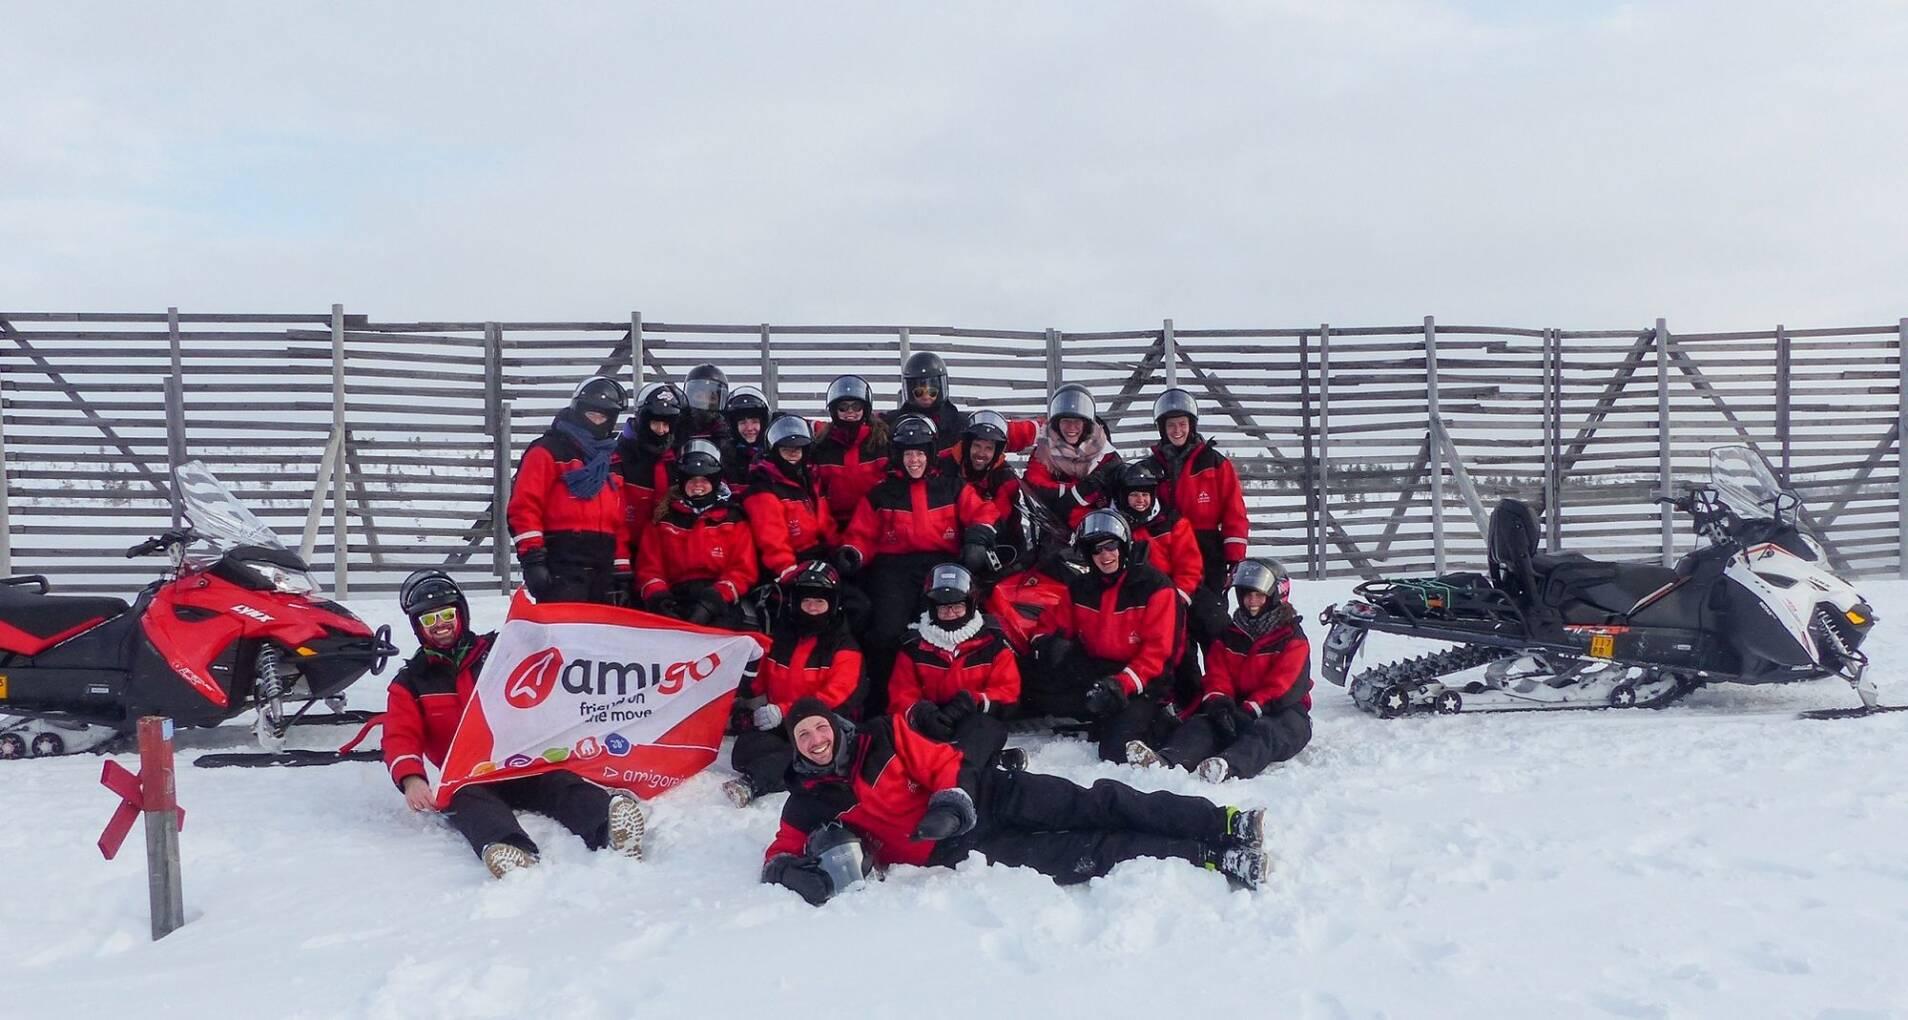 Winter Adventure Fins Lapland - Finland - 1